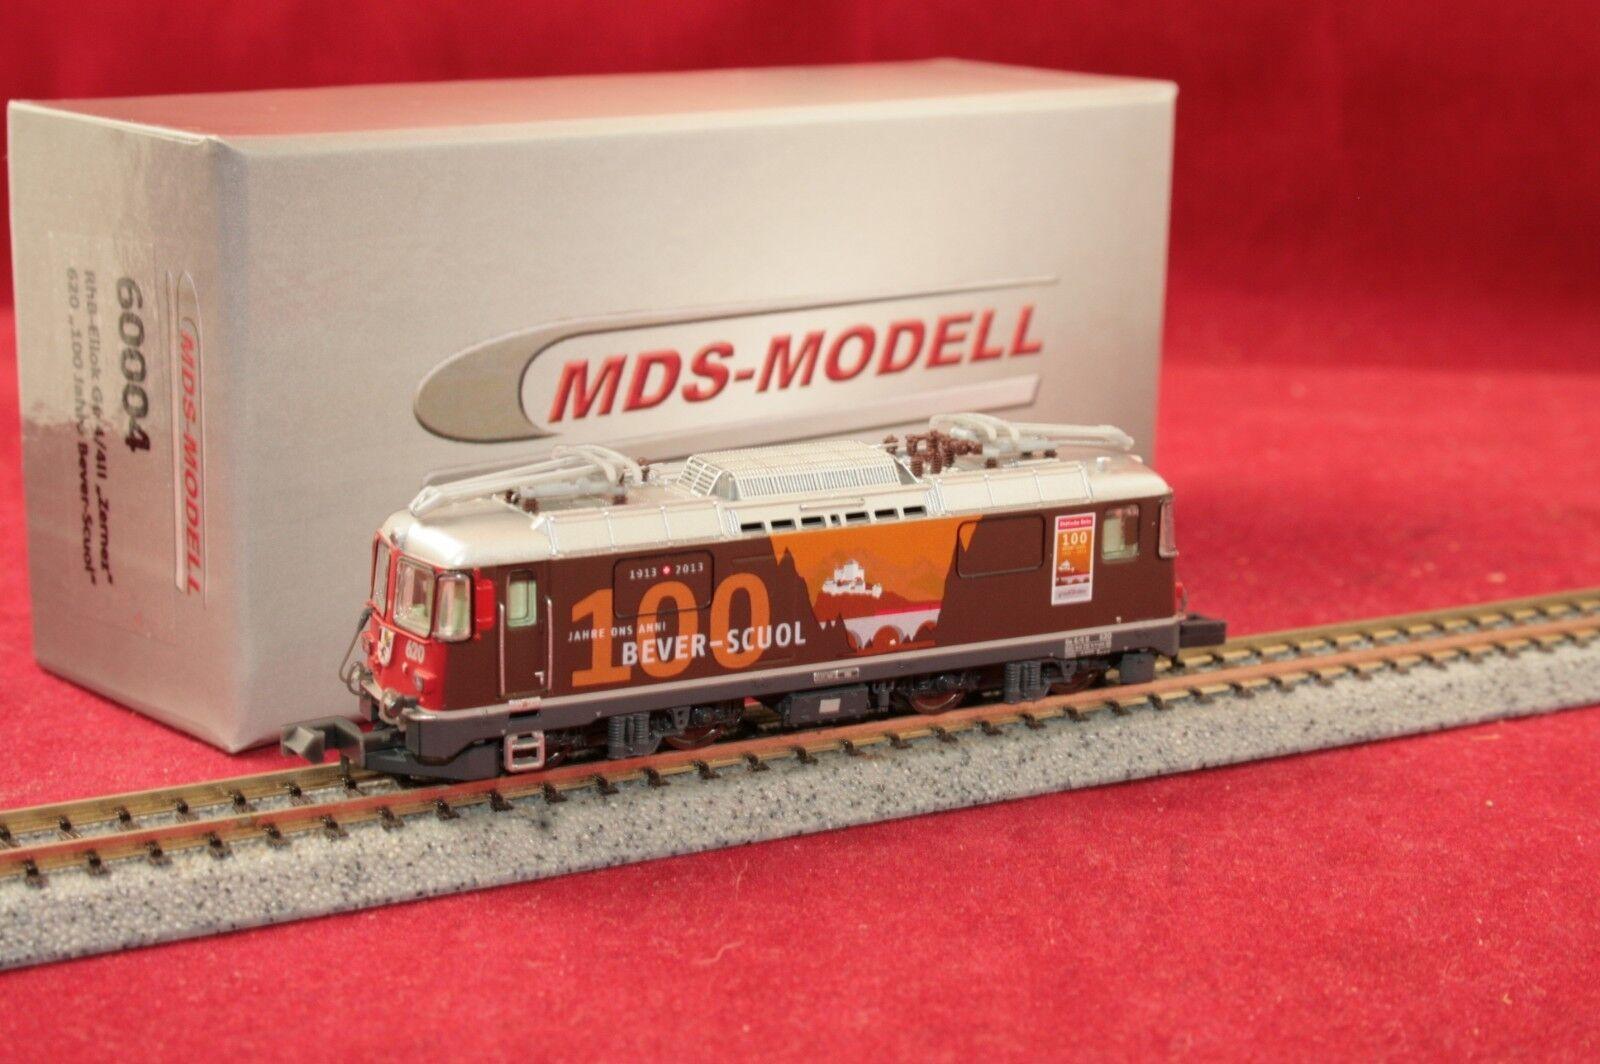 MDS-modello 60004 E-Lok GE 4 4 II Zernez 620 RHB  100 anni bever-Scuol  Nuovo Scatola Originale